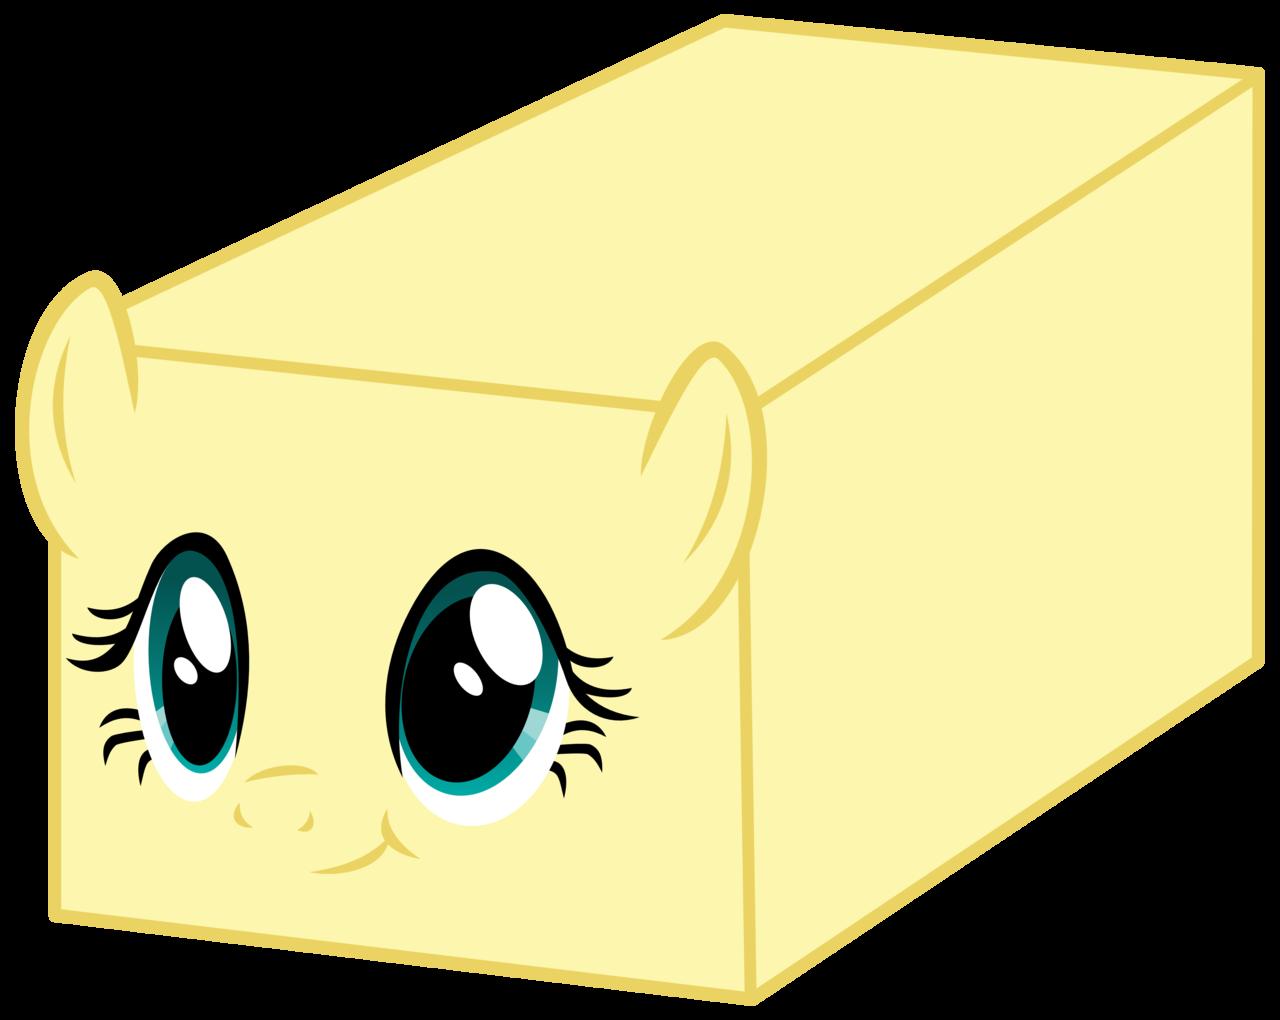 Butter clipart transparent Flutterbutter flutterbutter fluttershy butter #951828